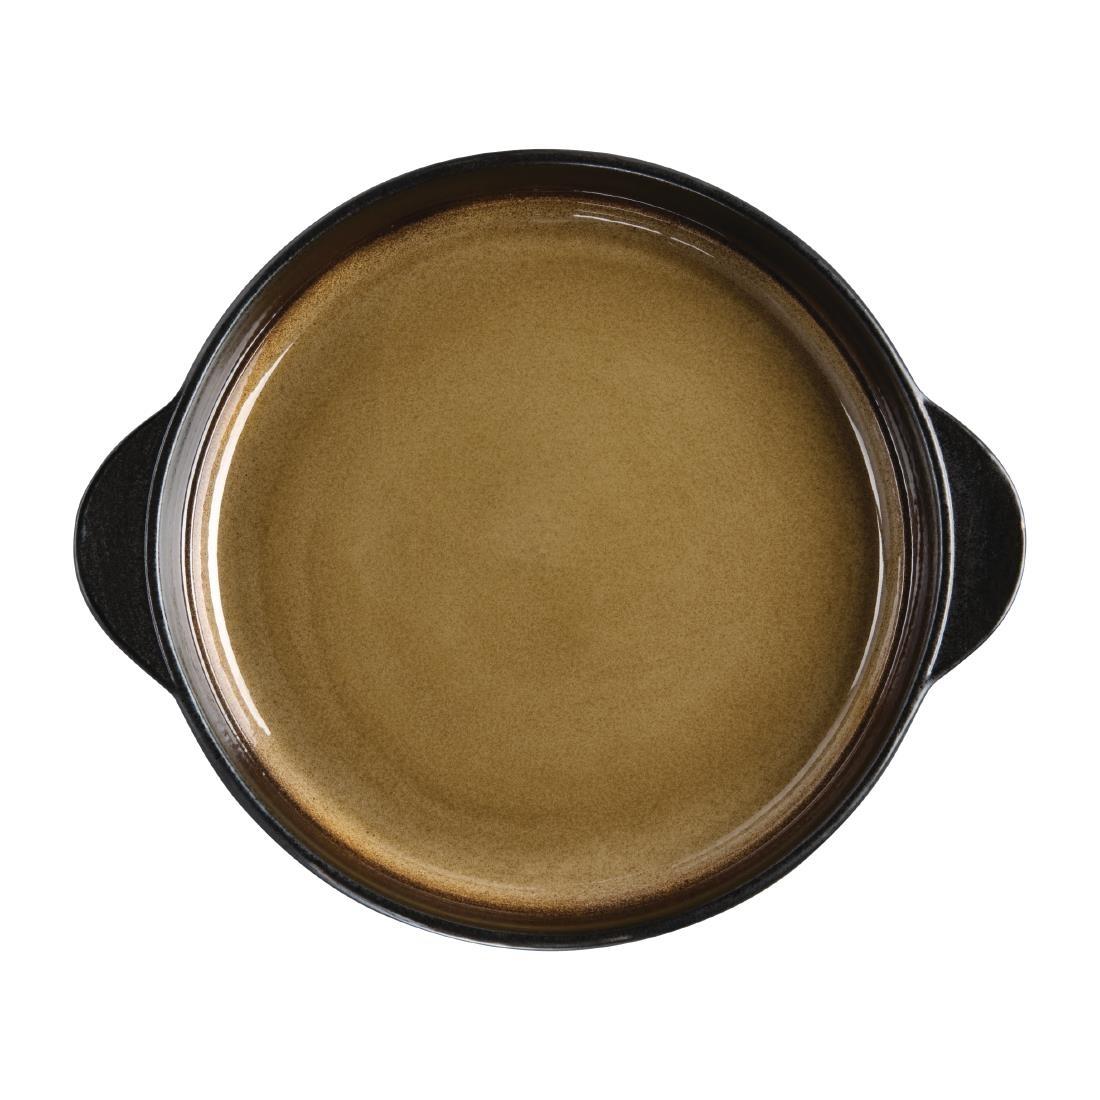 Tapas Round Tray - Yellow